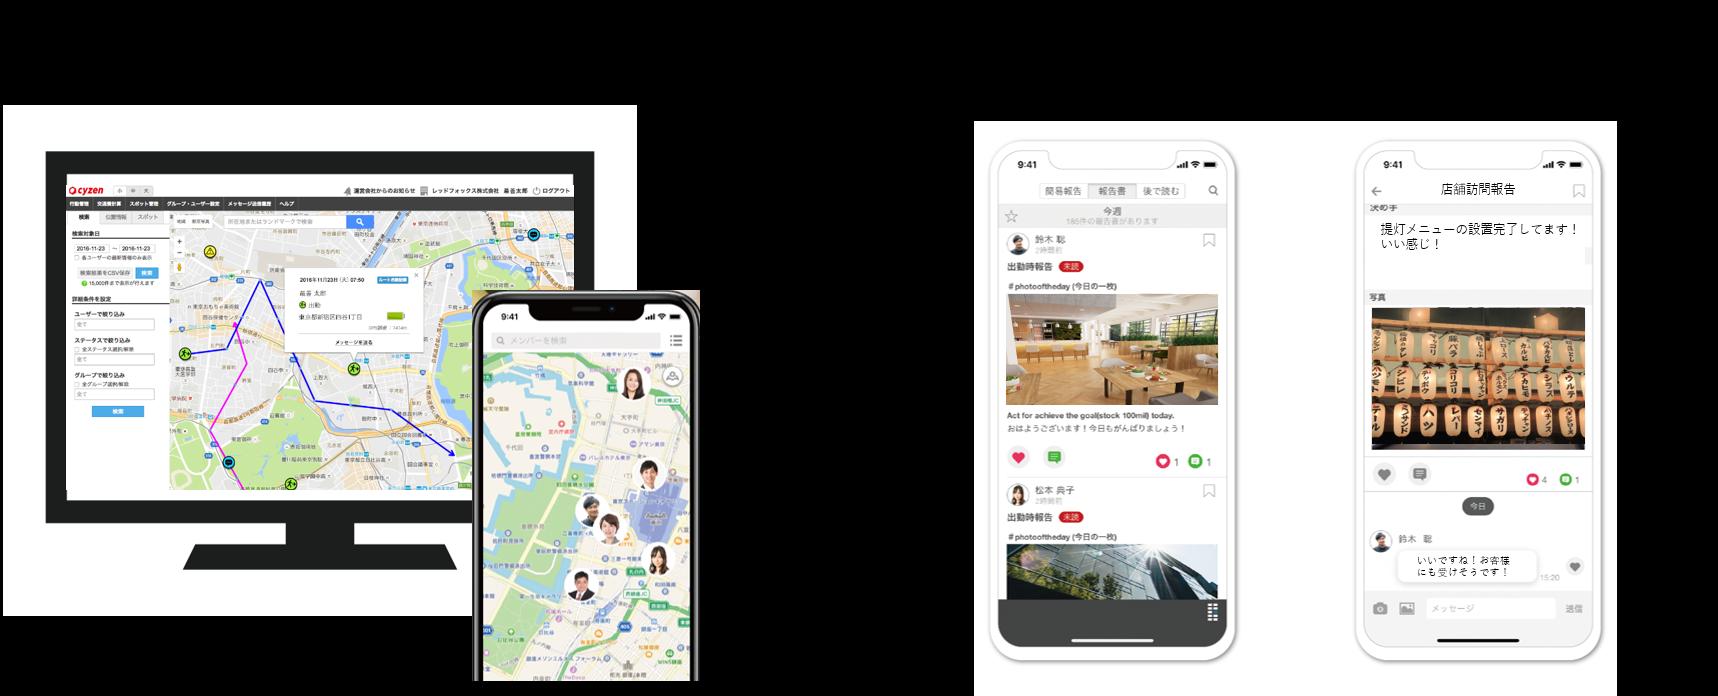 飲食店経営の悩みをアプリで一発解決!写真と位置情報を共有するだけ。